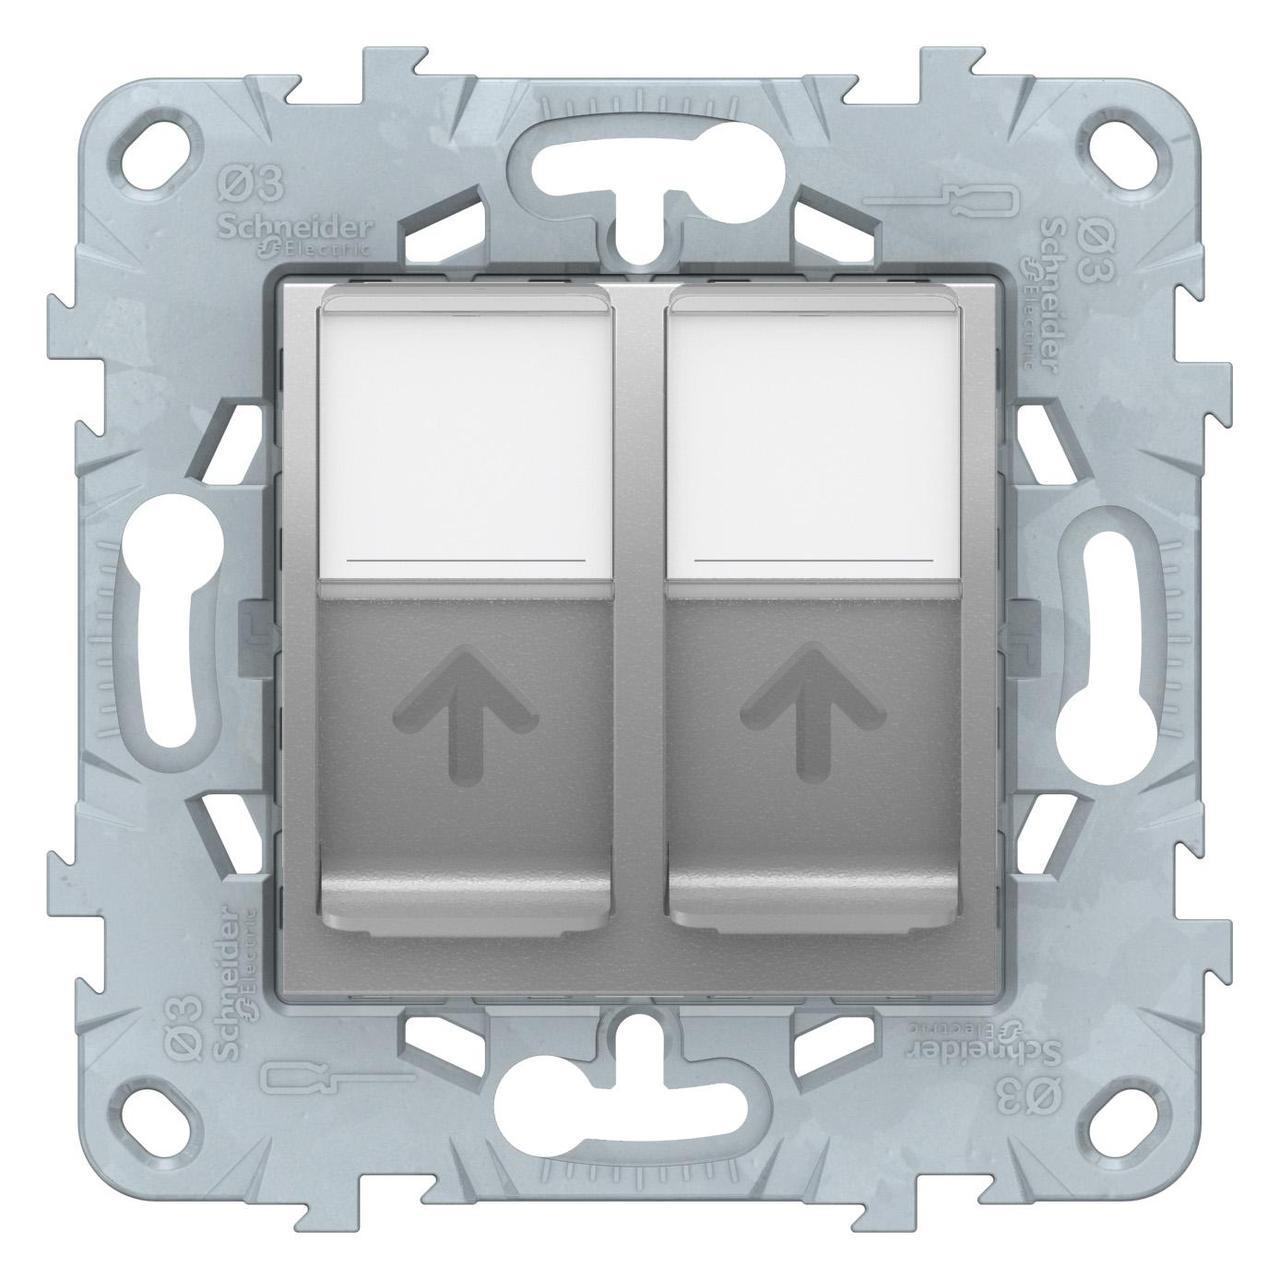 Розетка компьютерная 2-ая кат.6, RJ-45 (интернет) , Алюминий, серия Unica New, Schneider Electric